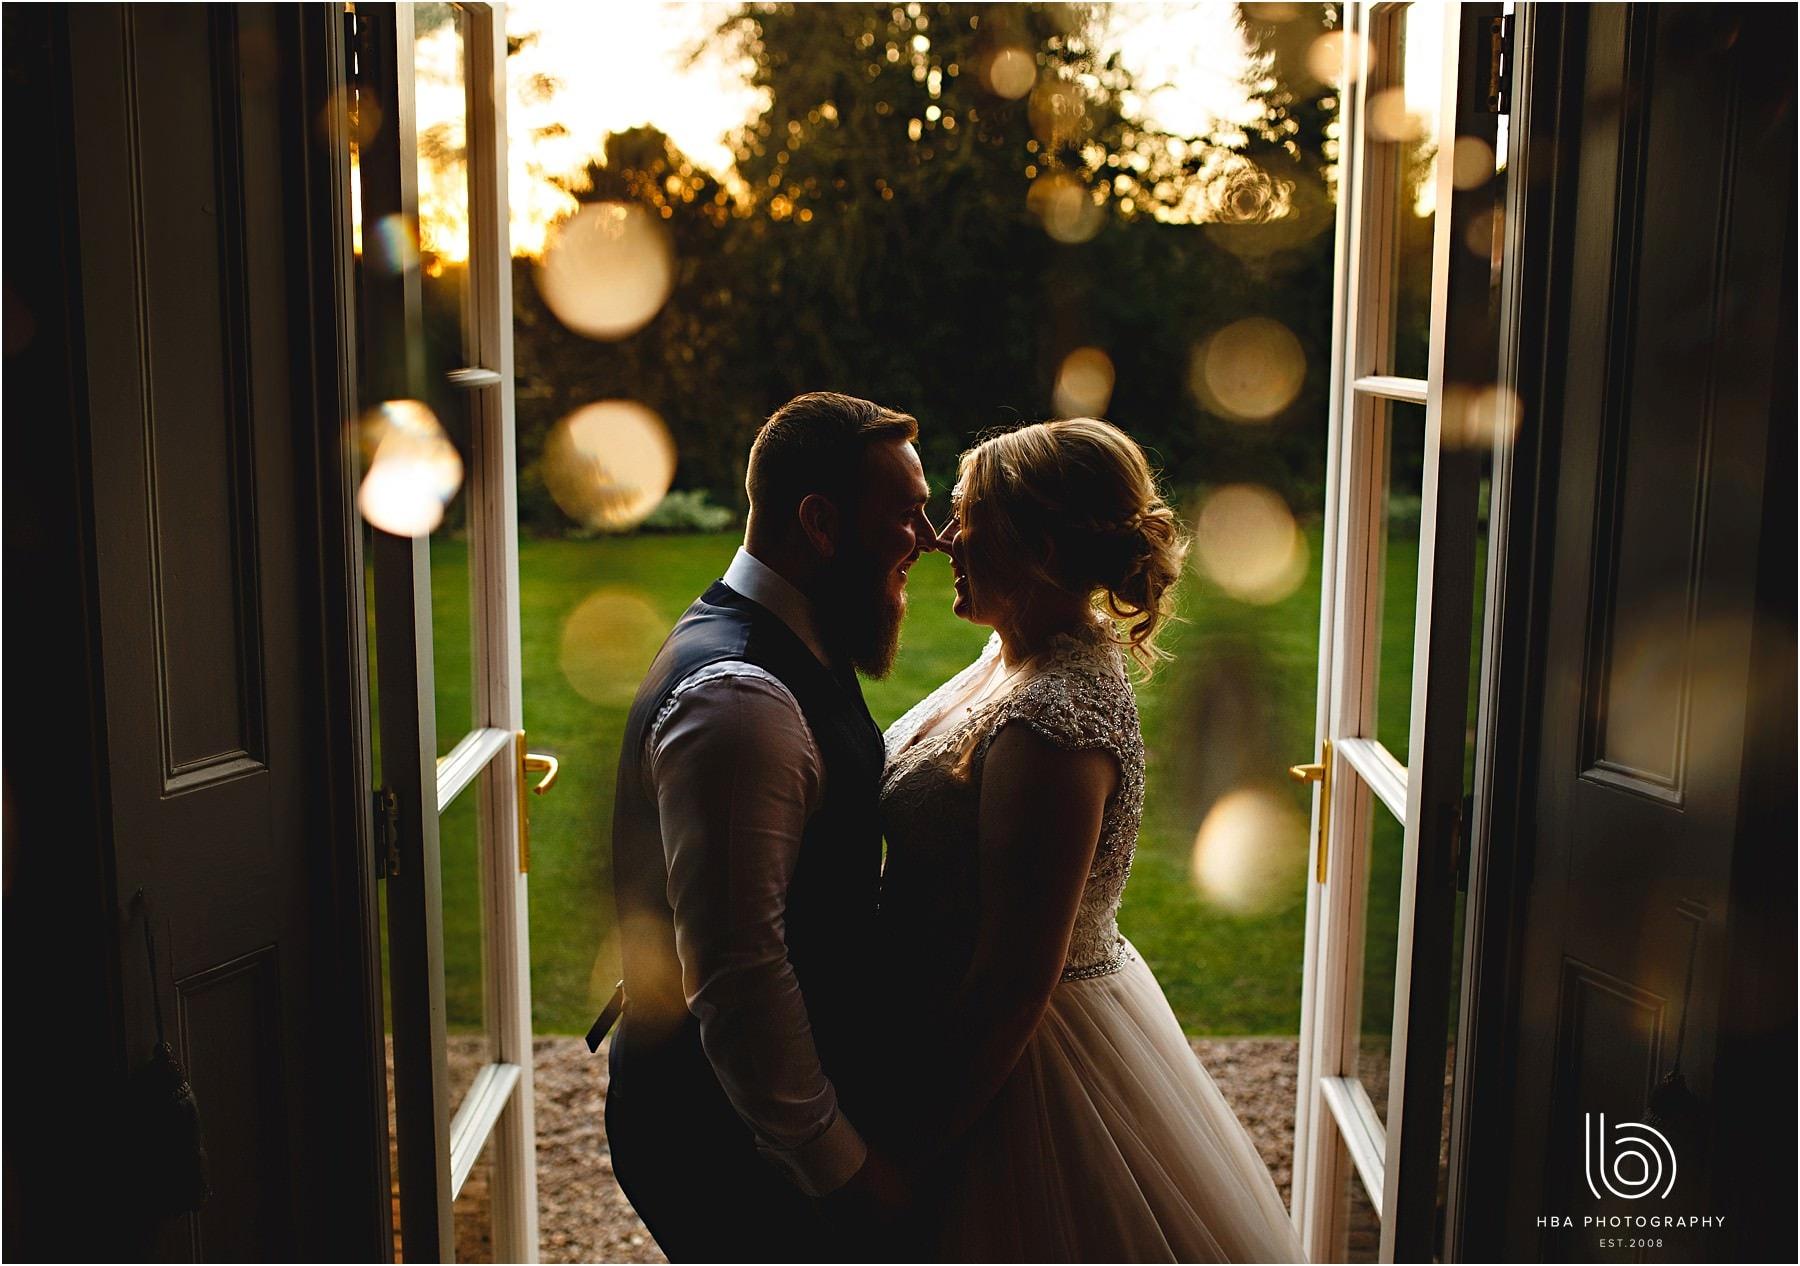 the bride & groom in the doorway